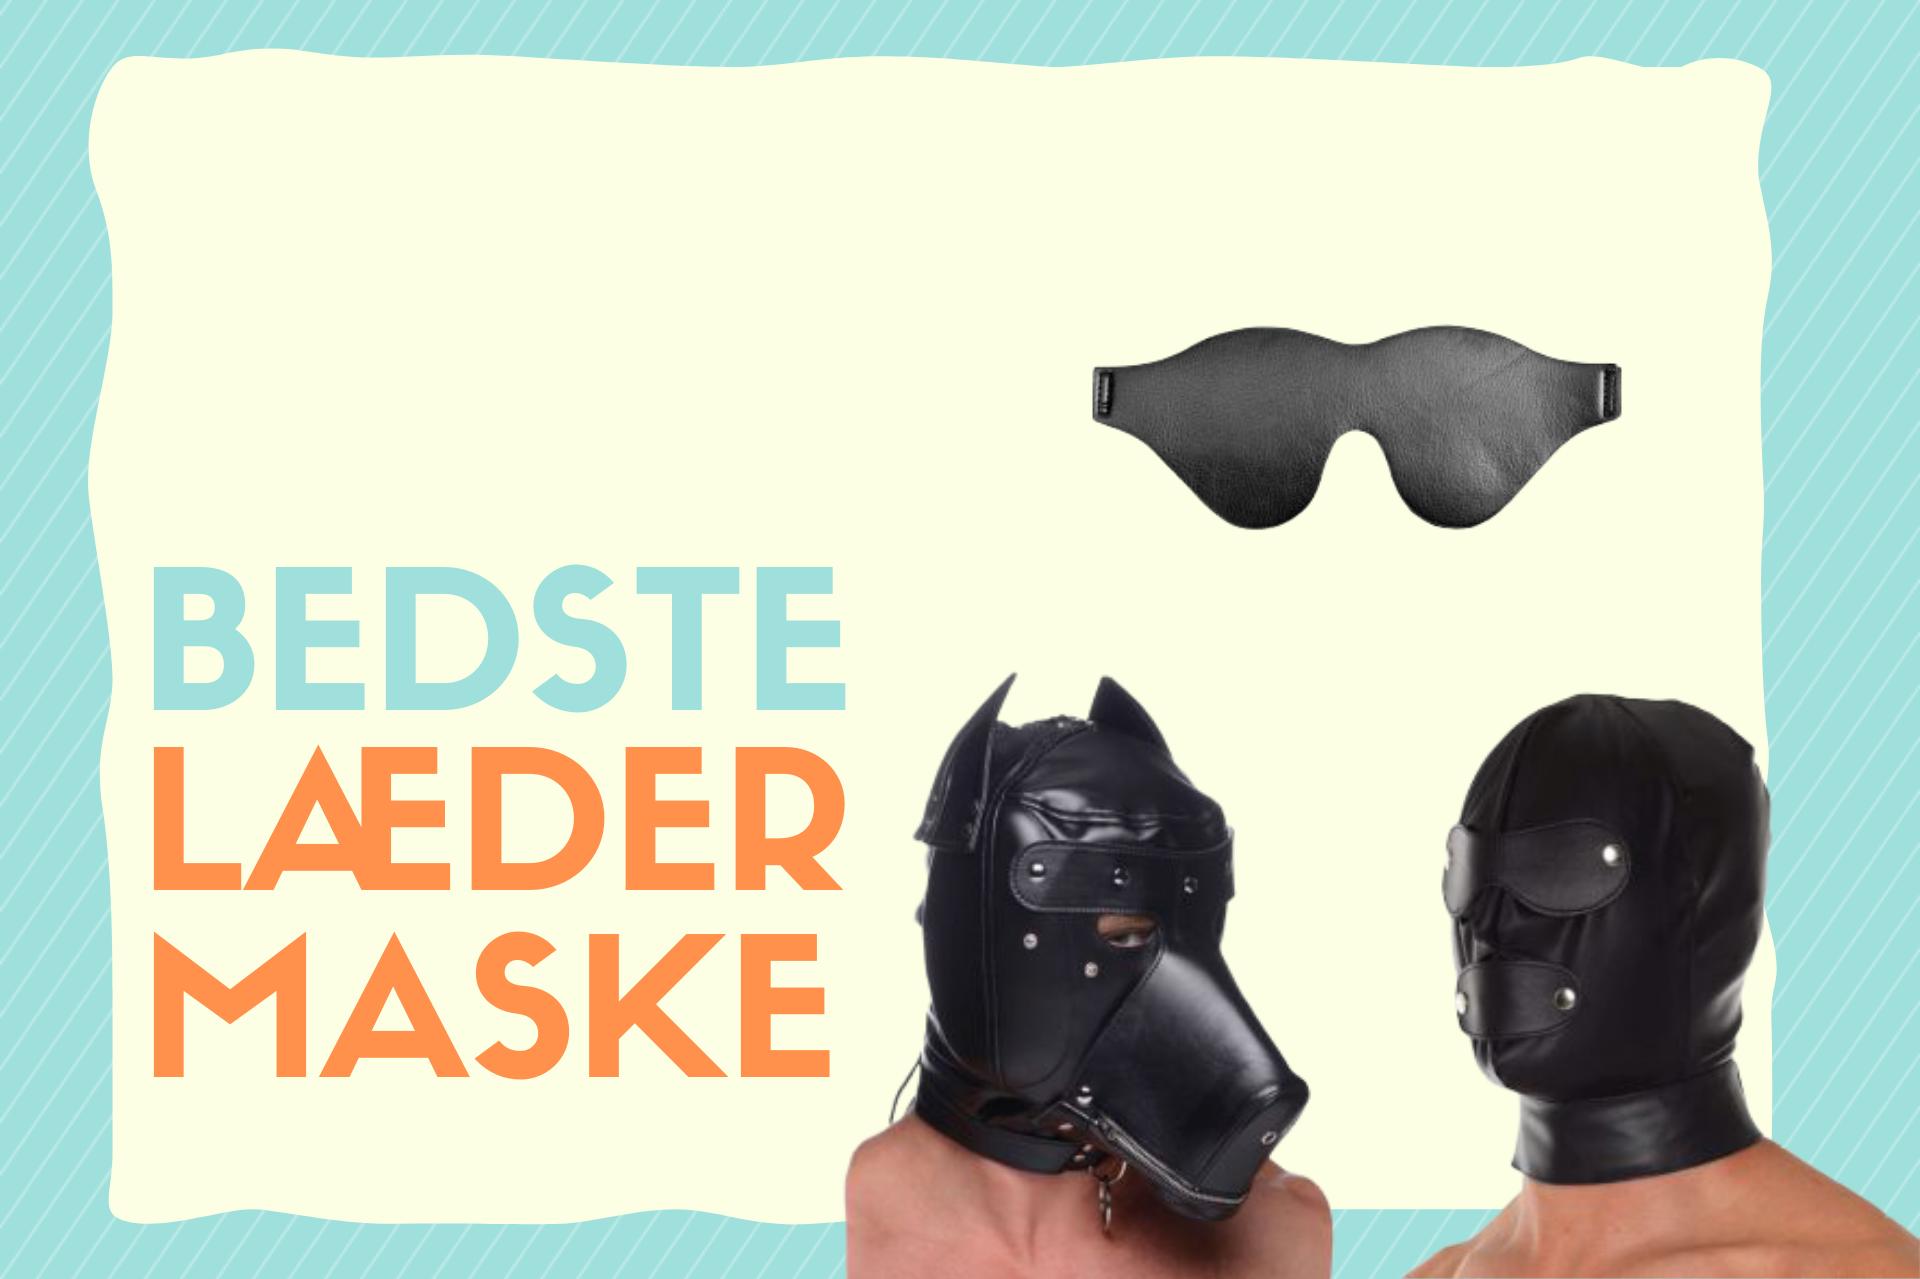 bedste læder maske